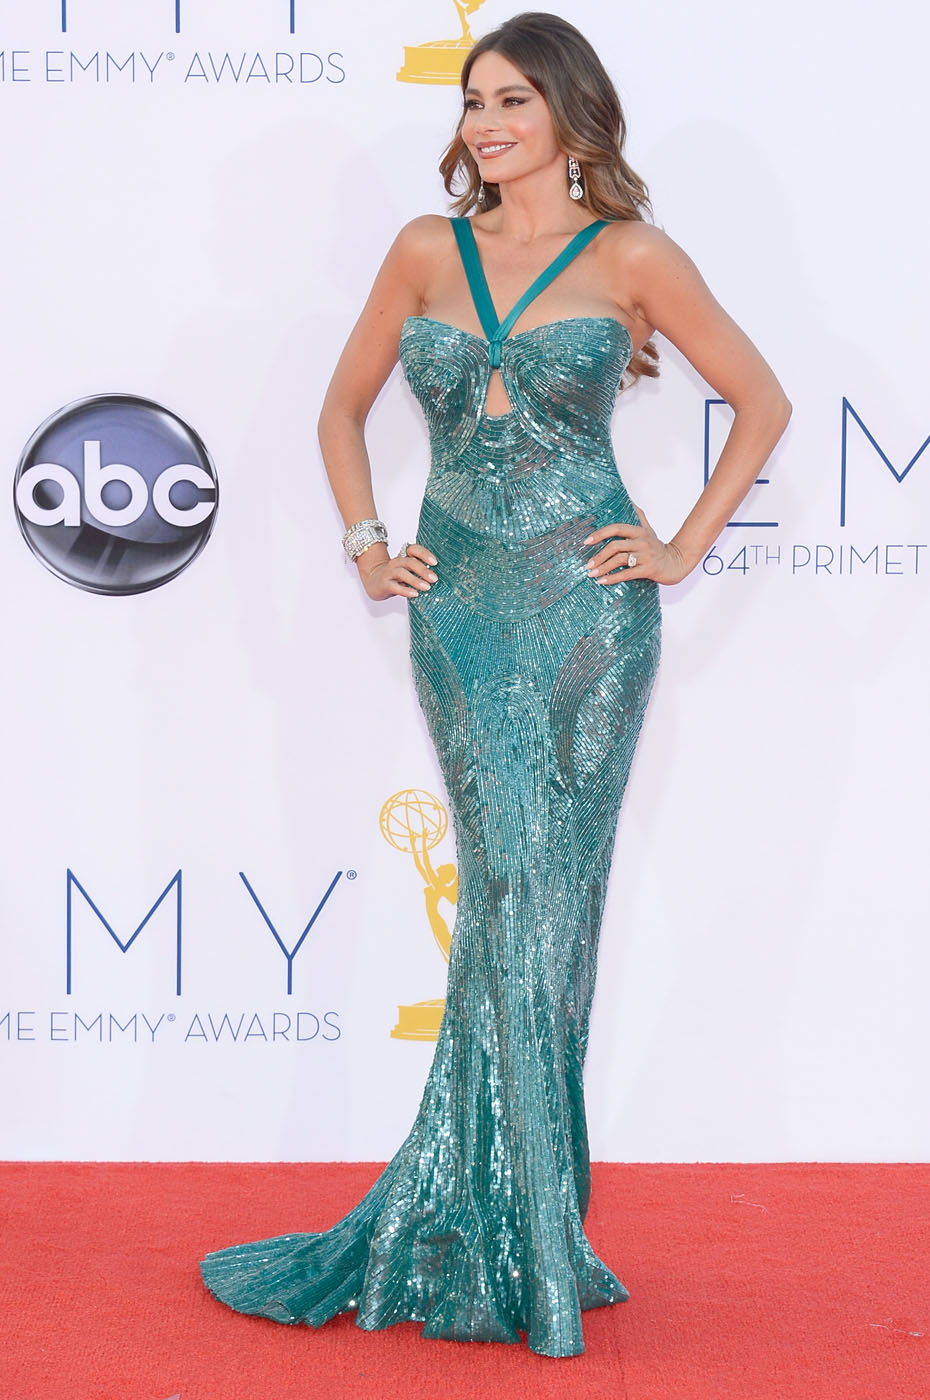 Sofia Vergara - 2012 Emmy Awards, Red Carpet Looks